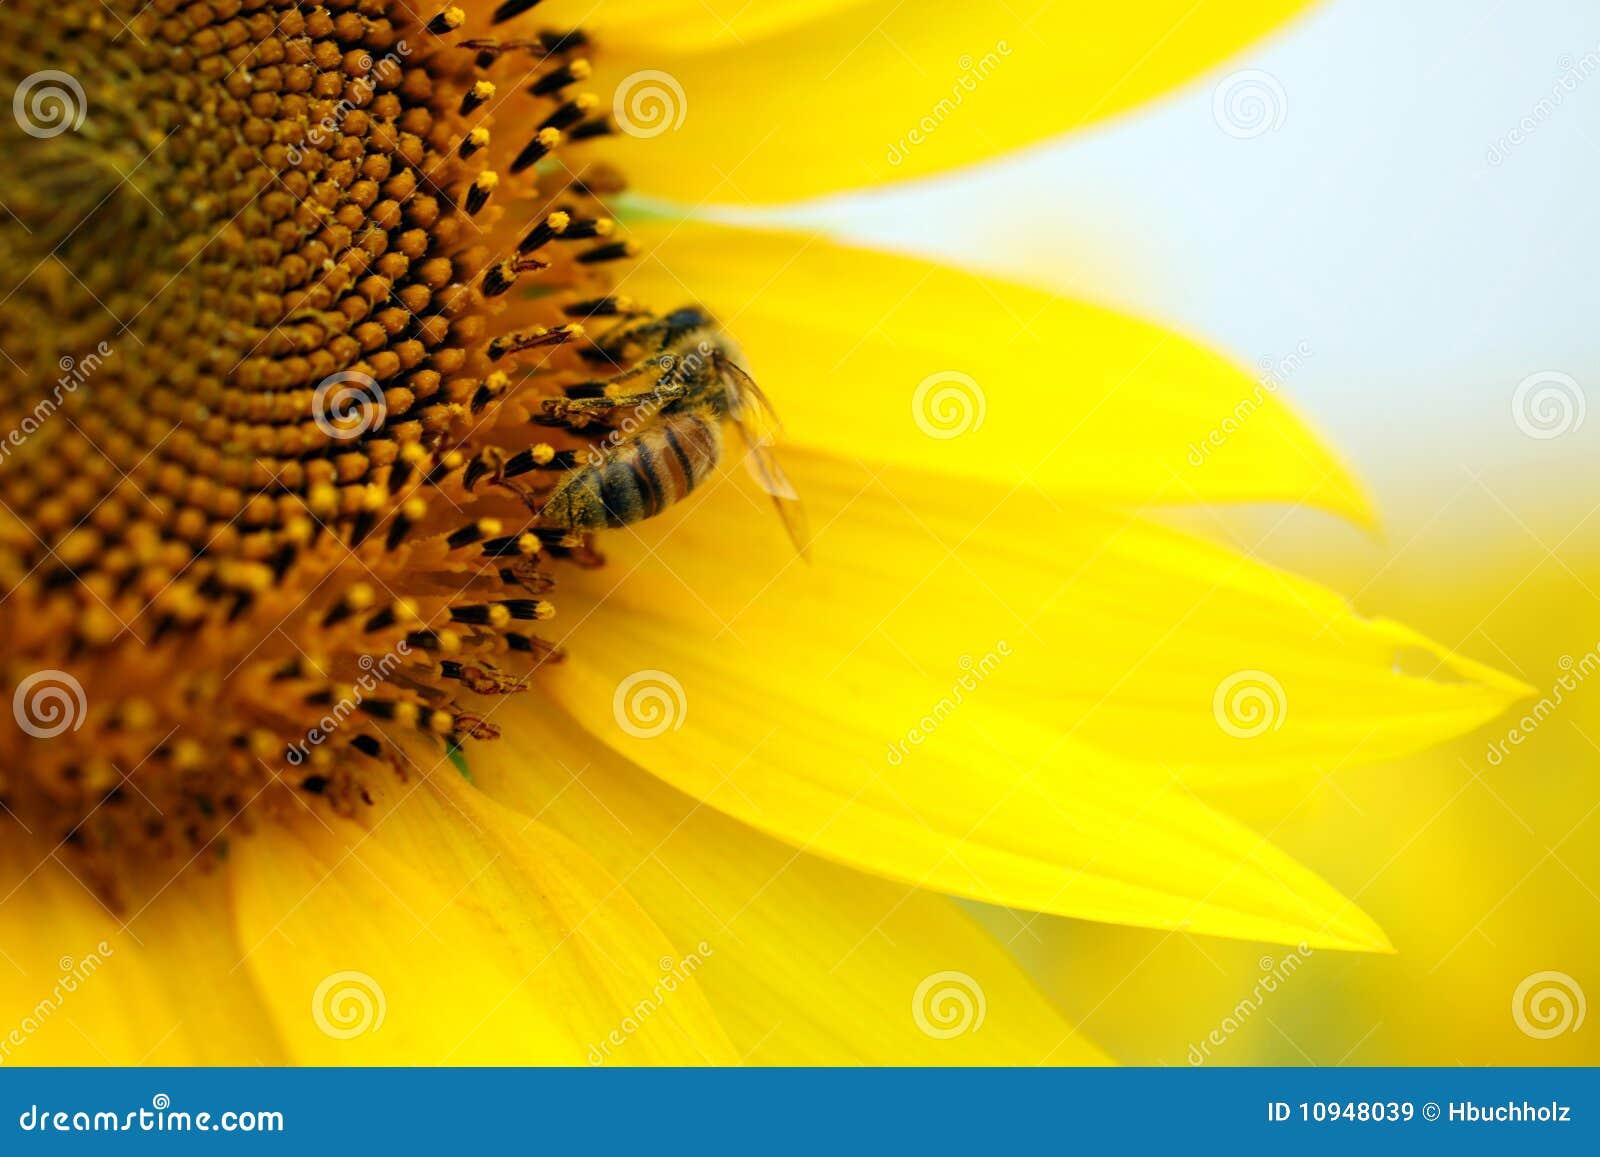 желтый цвет солнцецвета пчелы сидя